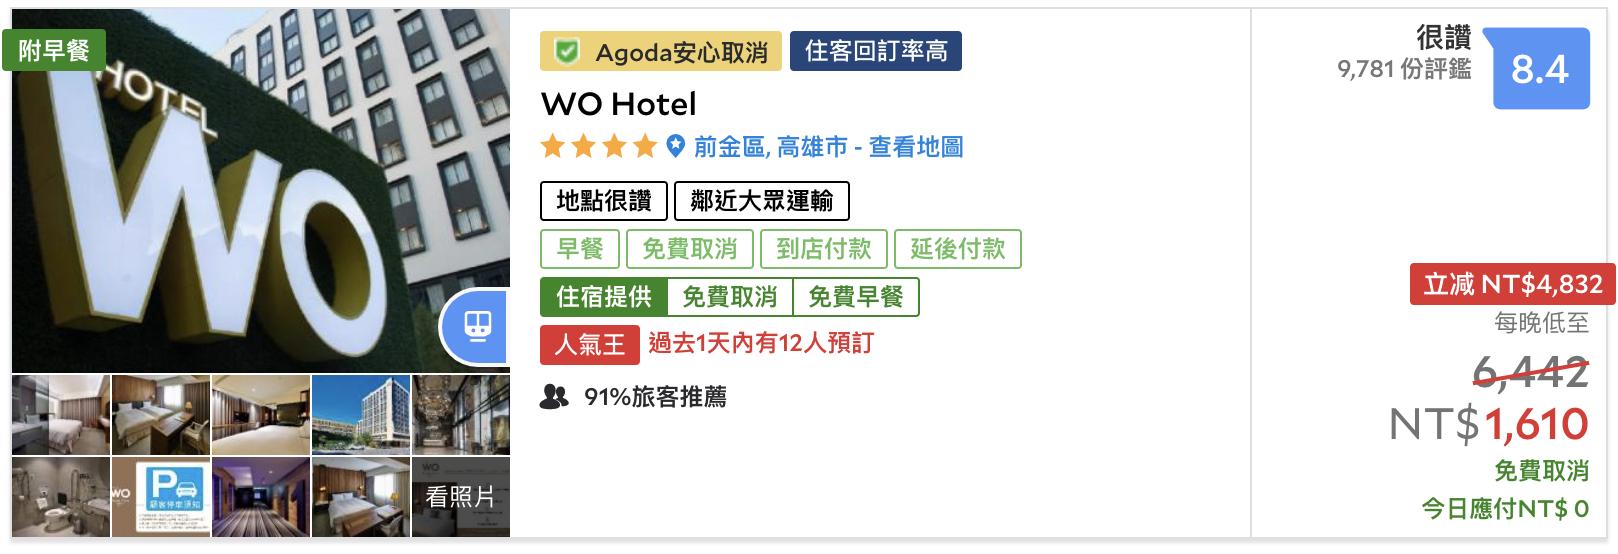 高雄2K以下可入住高評分飯店,滿滿都是划算的好住宿~